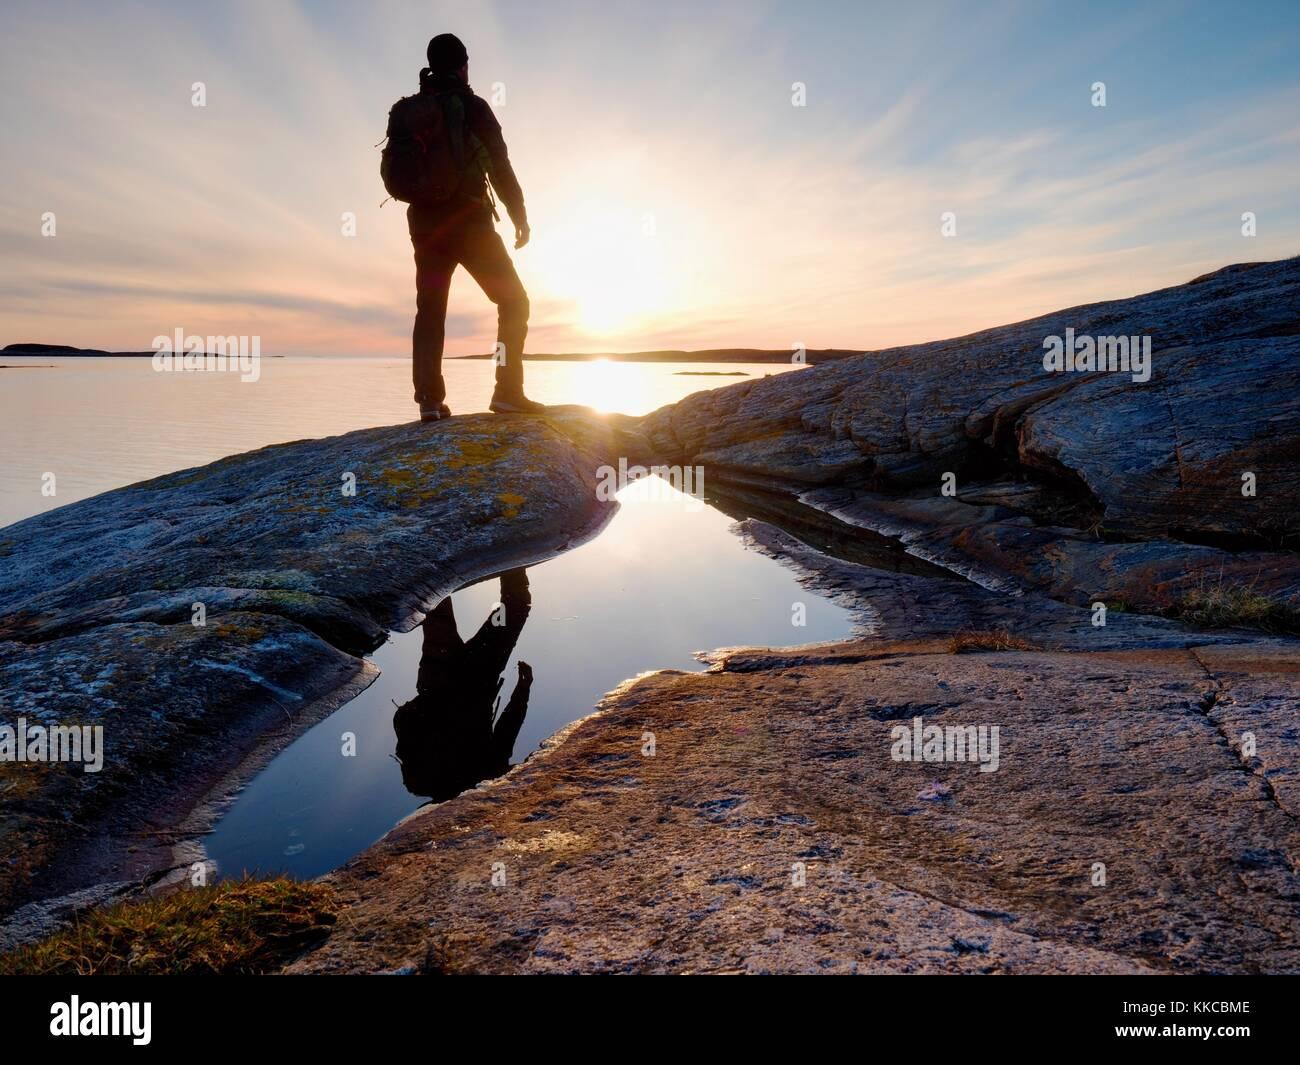 Hohe backpacker Durchsichtige sonnigen Frühling daybreak über Meer. Wanderer mit Rucksack stehen auf felsigen Stockbild